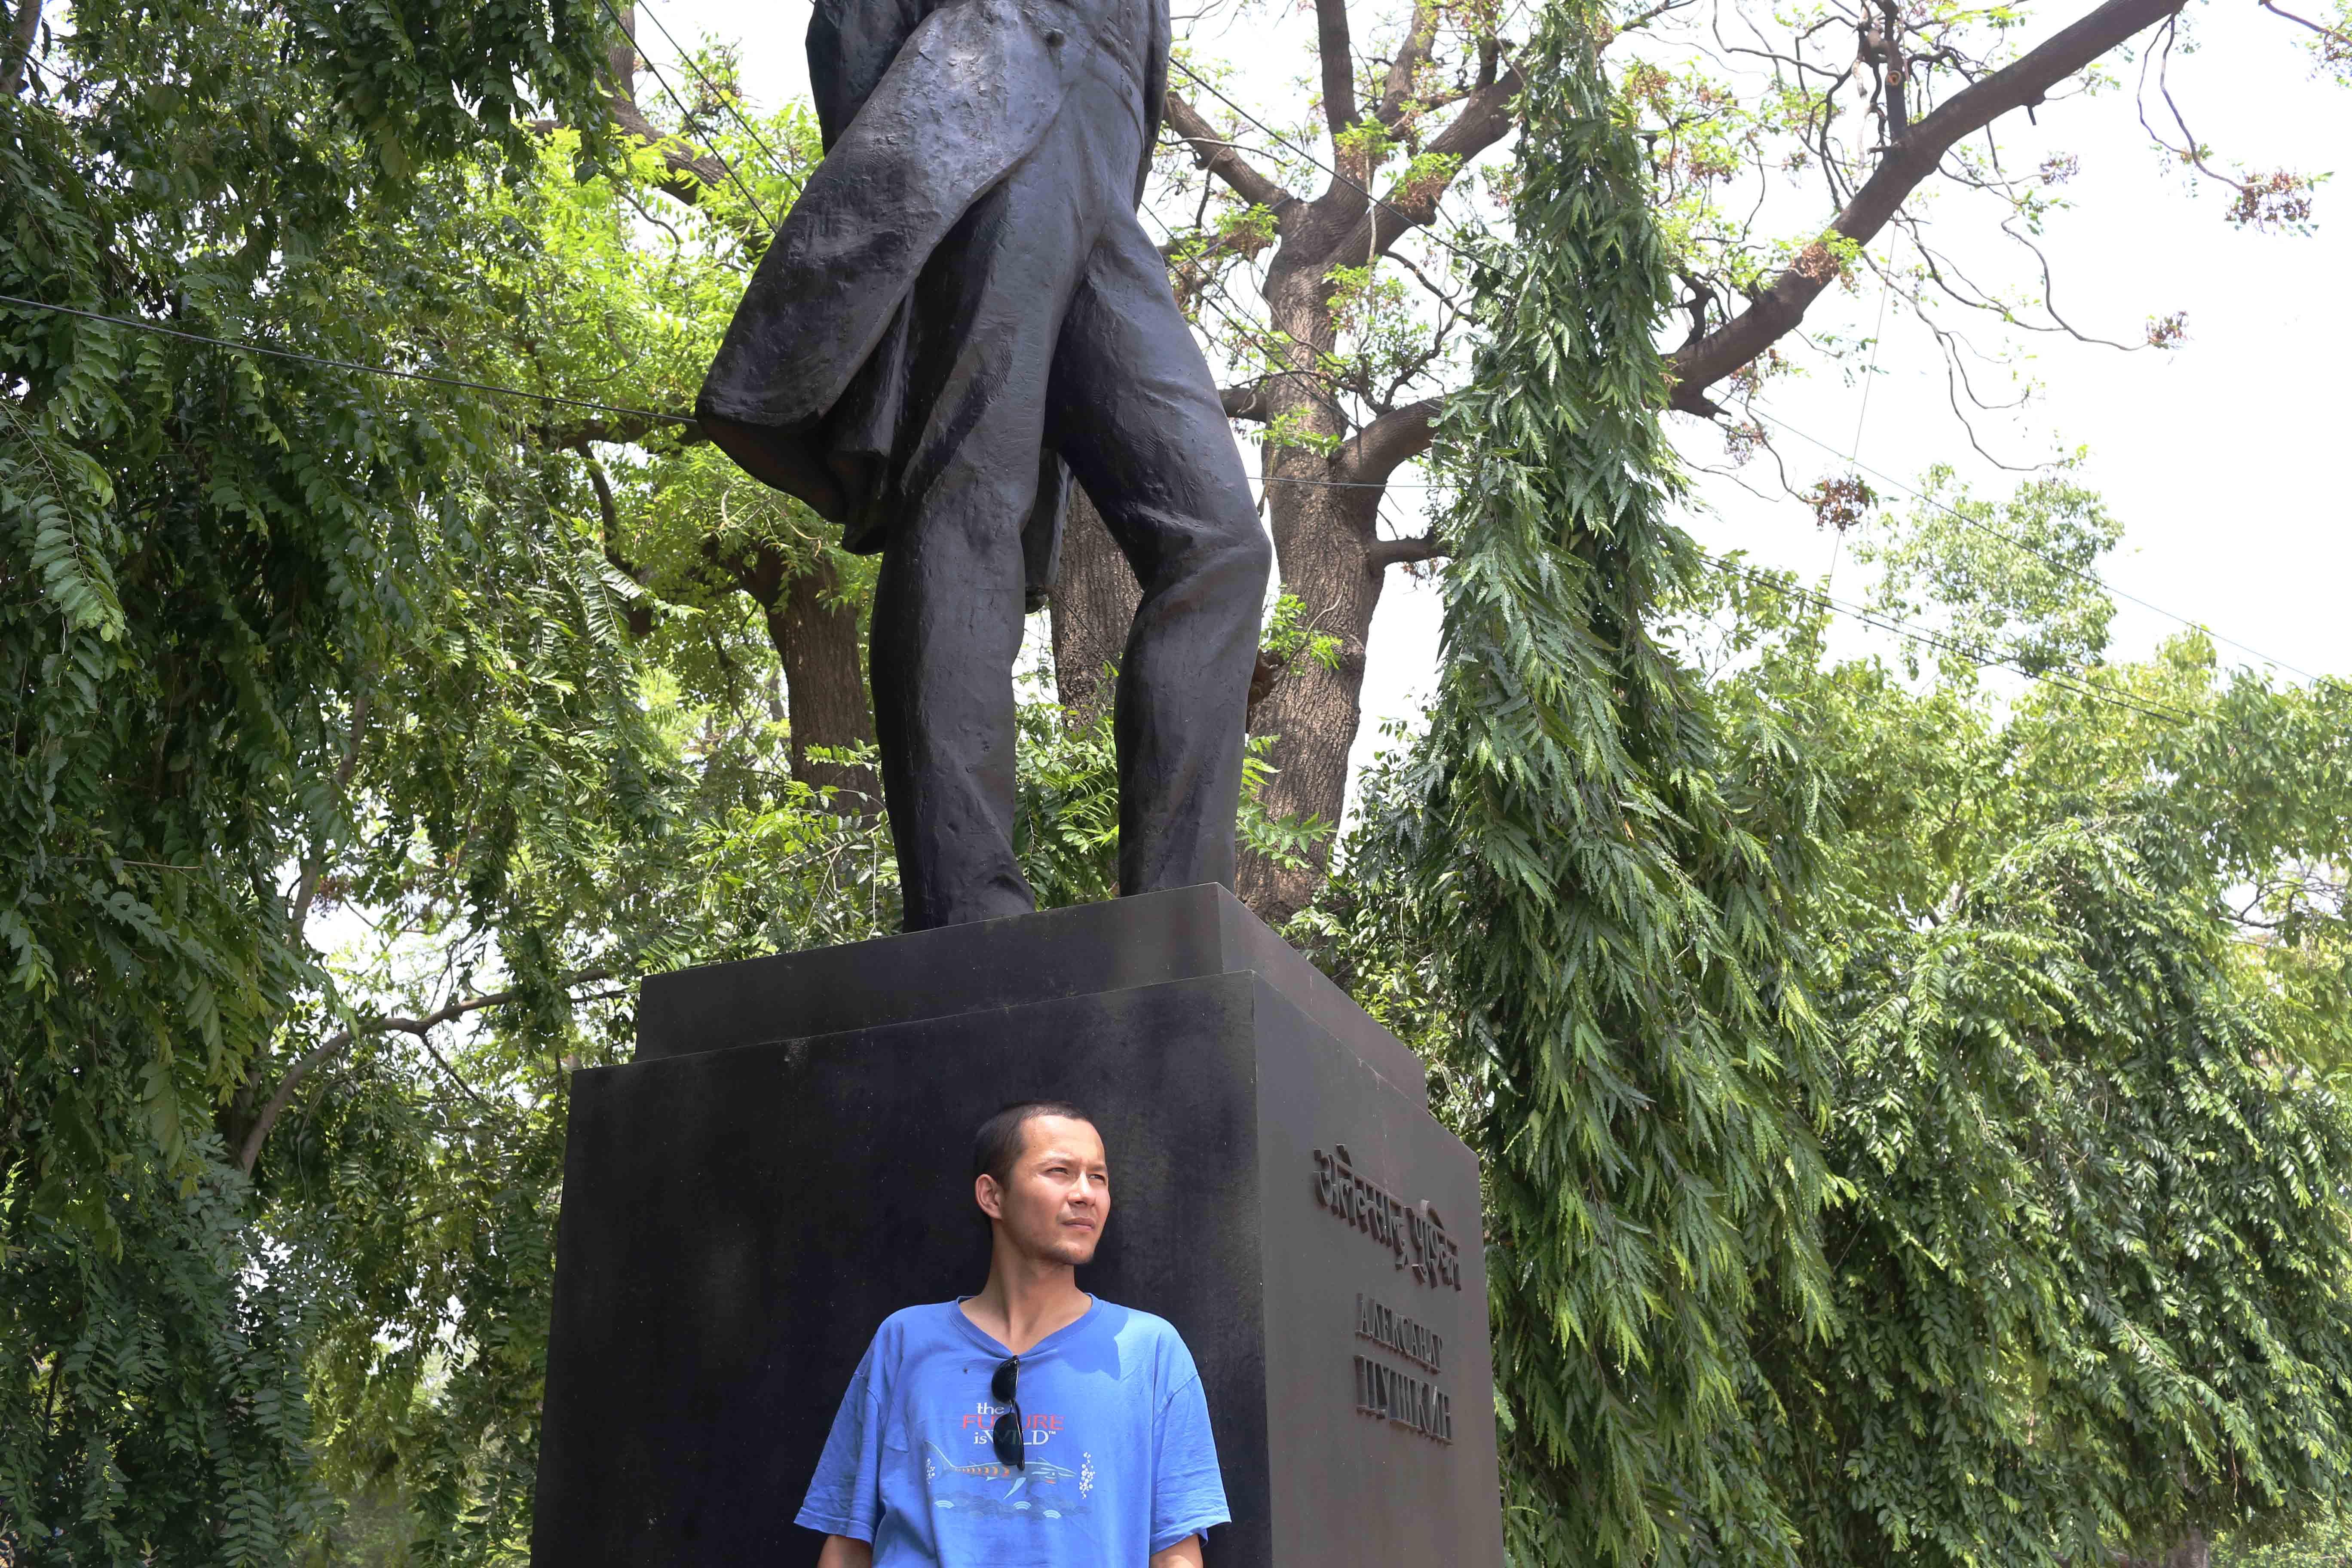 Delhi's Bandaged Heart – Ishan Marvel & Aleksandr Pushkin, Mandi House